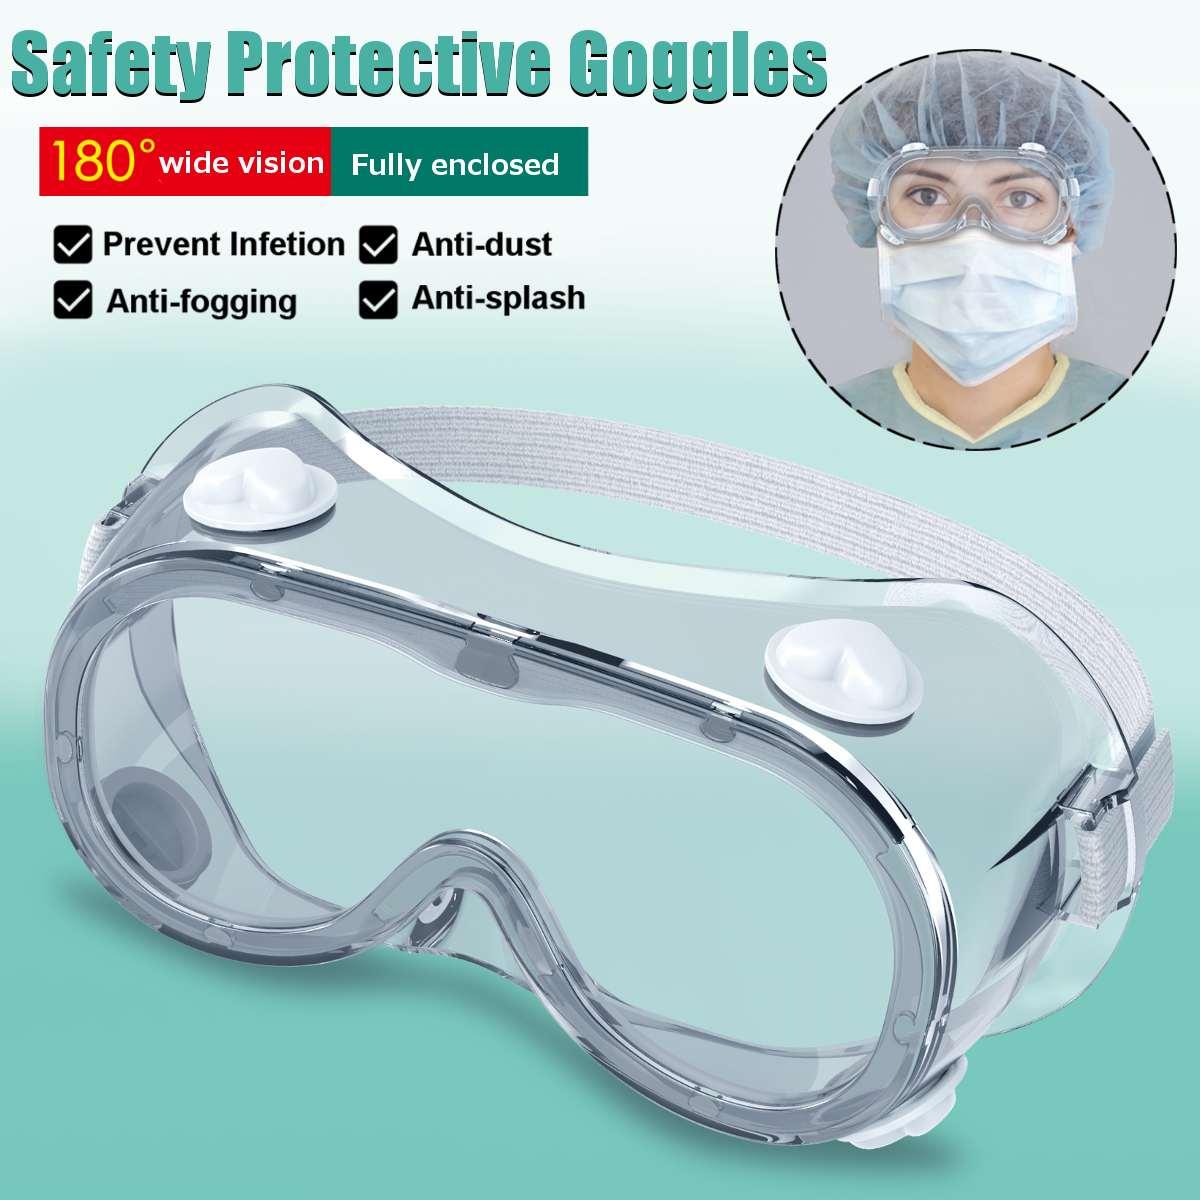 Силиконовые защитные очки для защиты глаз, одноразовая маска для защиты глаз от инфекции